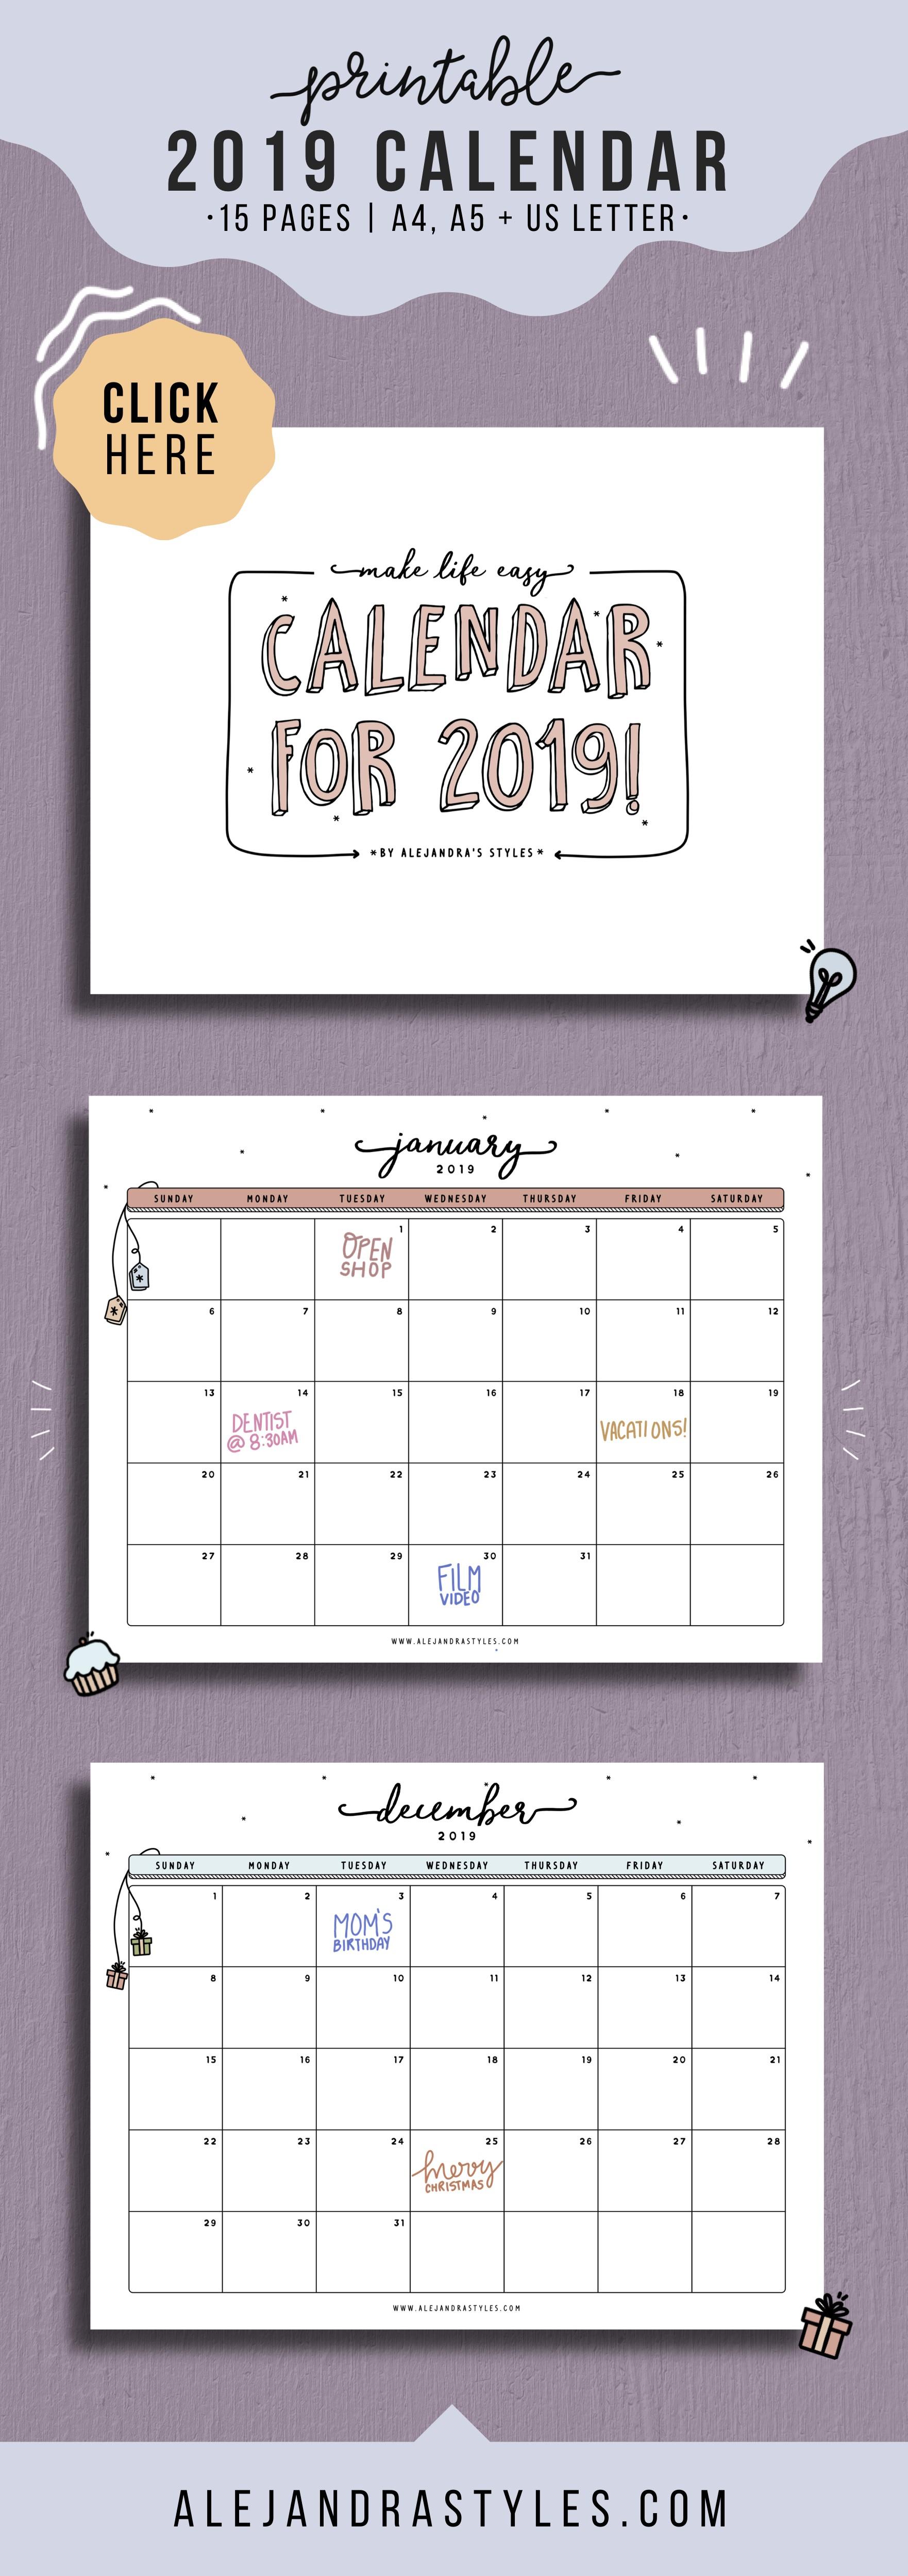 Calendar 2019 to Download Más Recientes 2019 Desk Calendar Printable Planner Instant Digital Download Of Calendar 2019 to Download Actual Calendar Template Google Sheets 2019